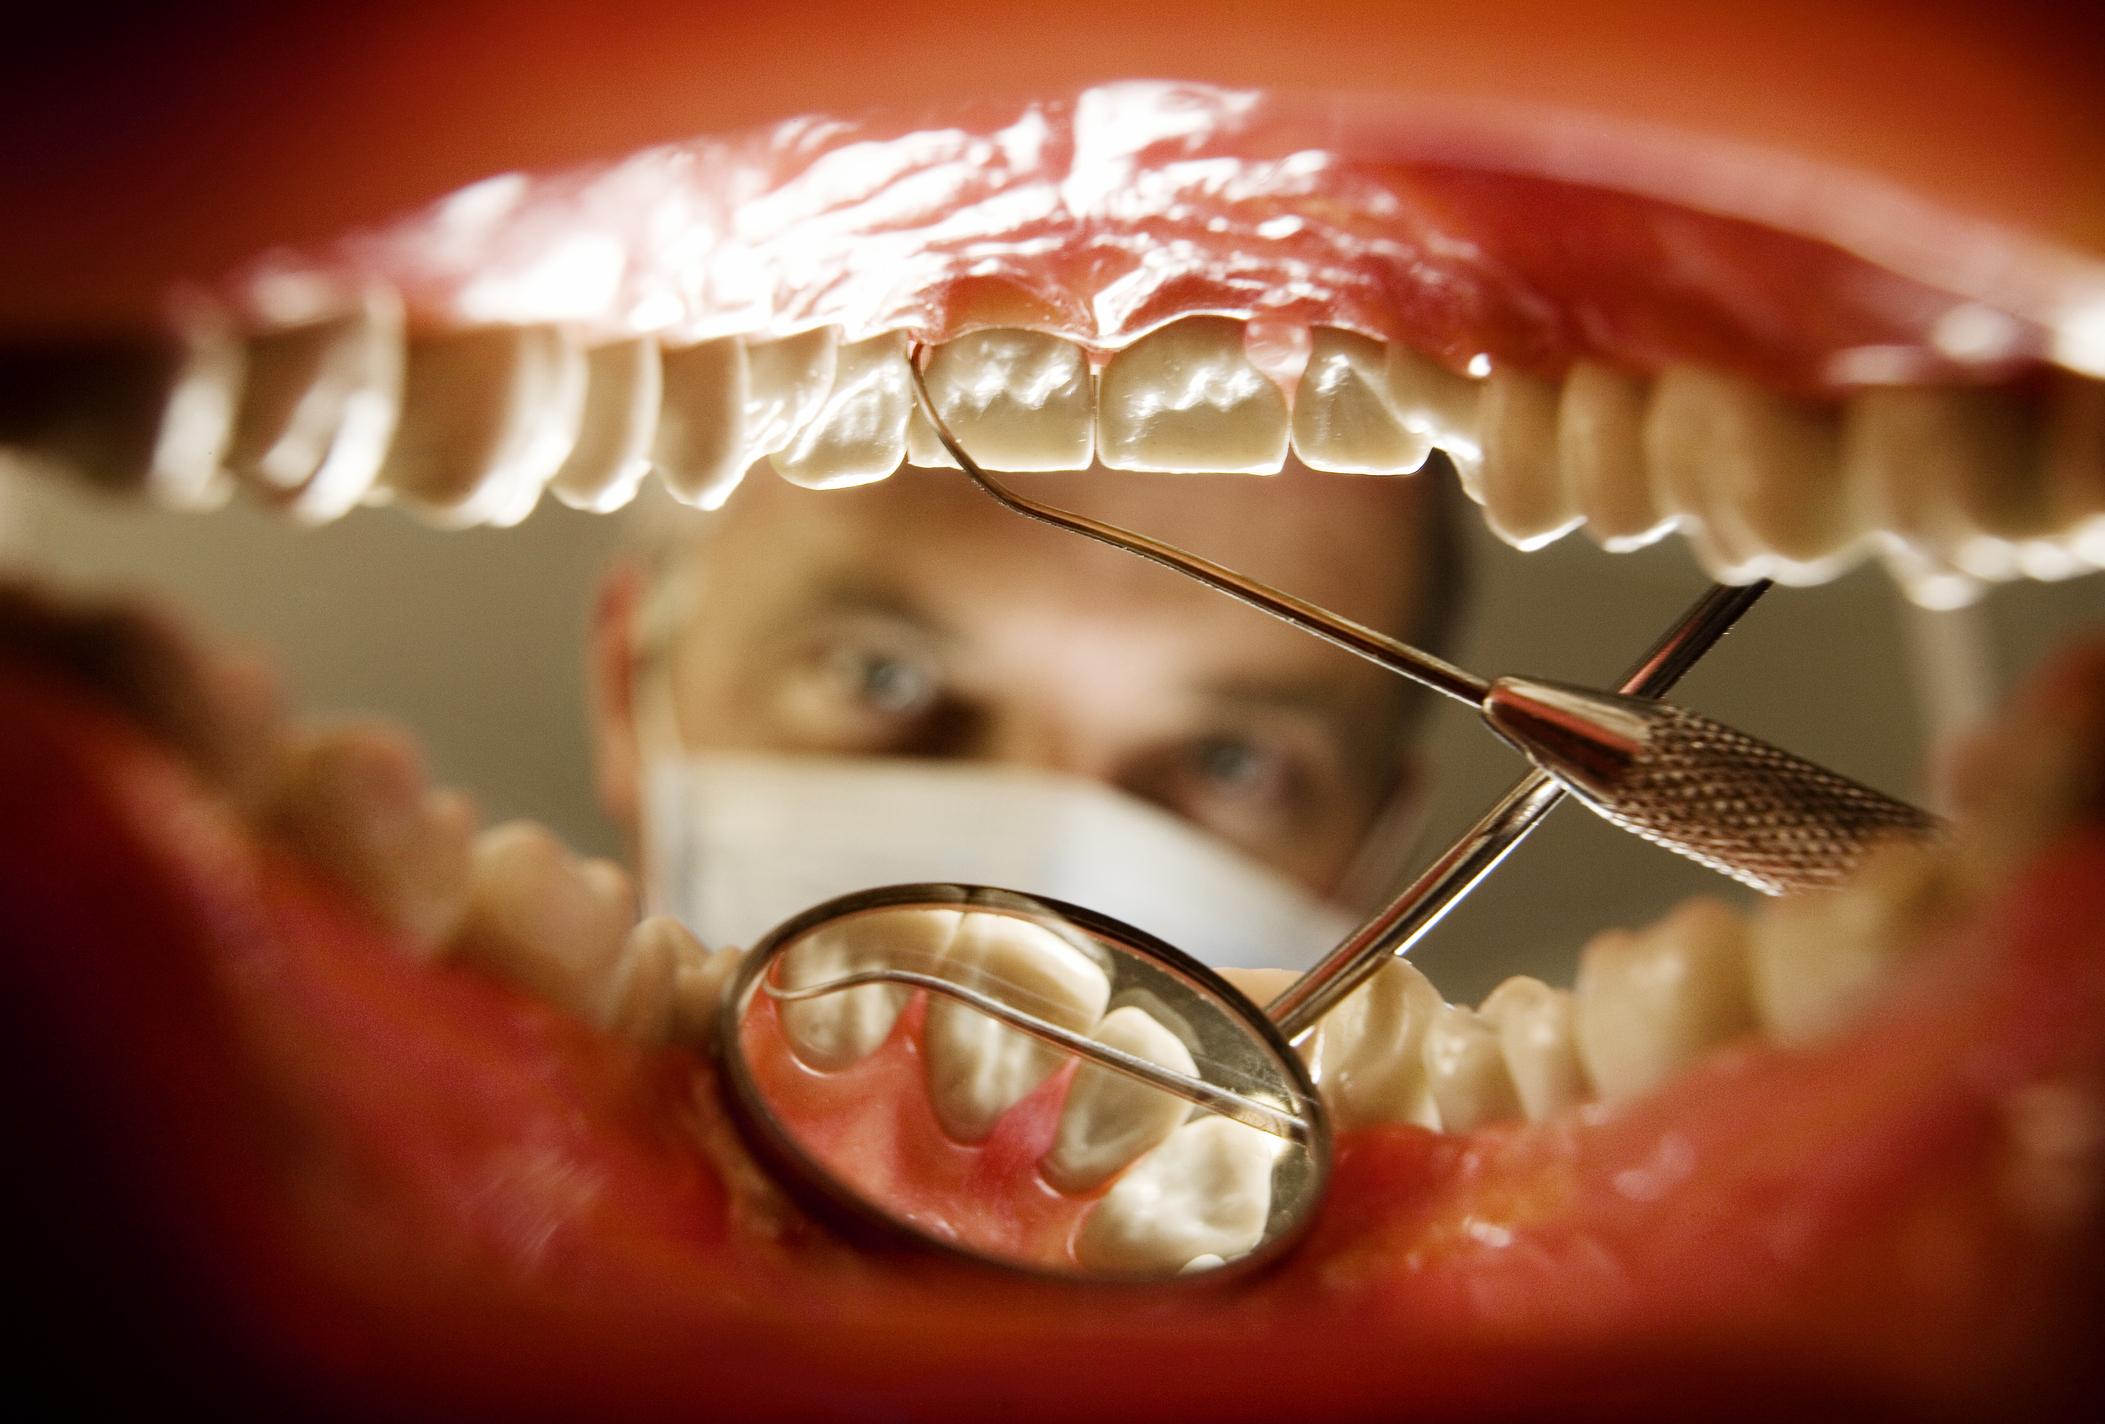 Курение и зубы: можно ли курить после удаления зуба и пломбирования